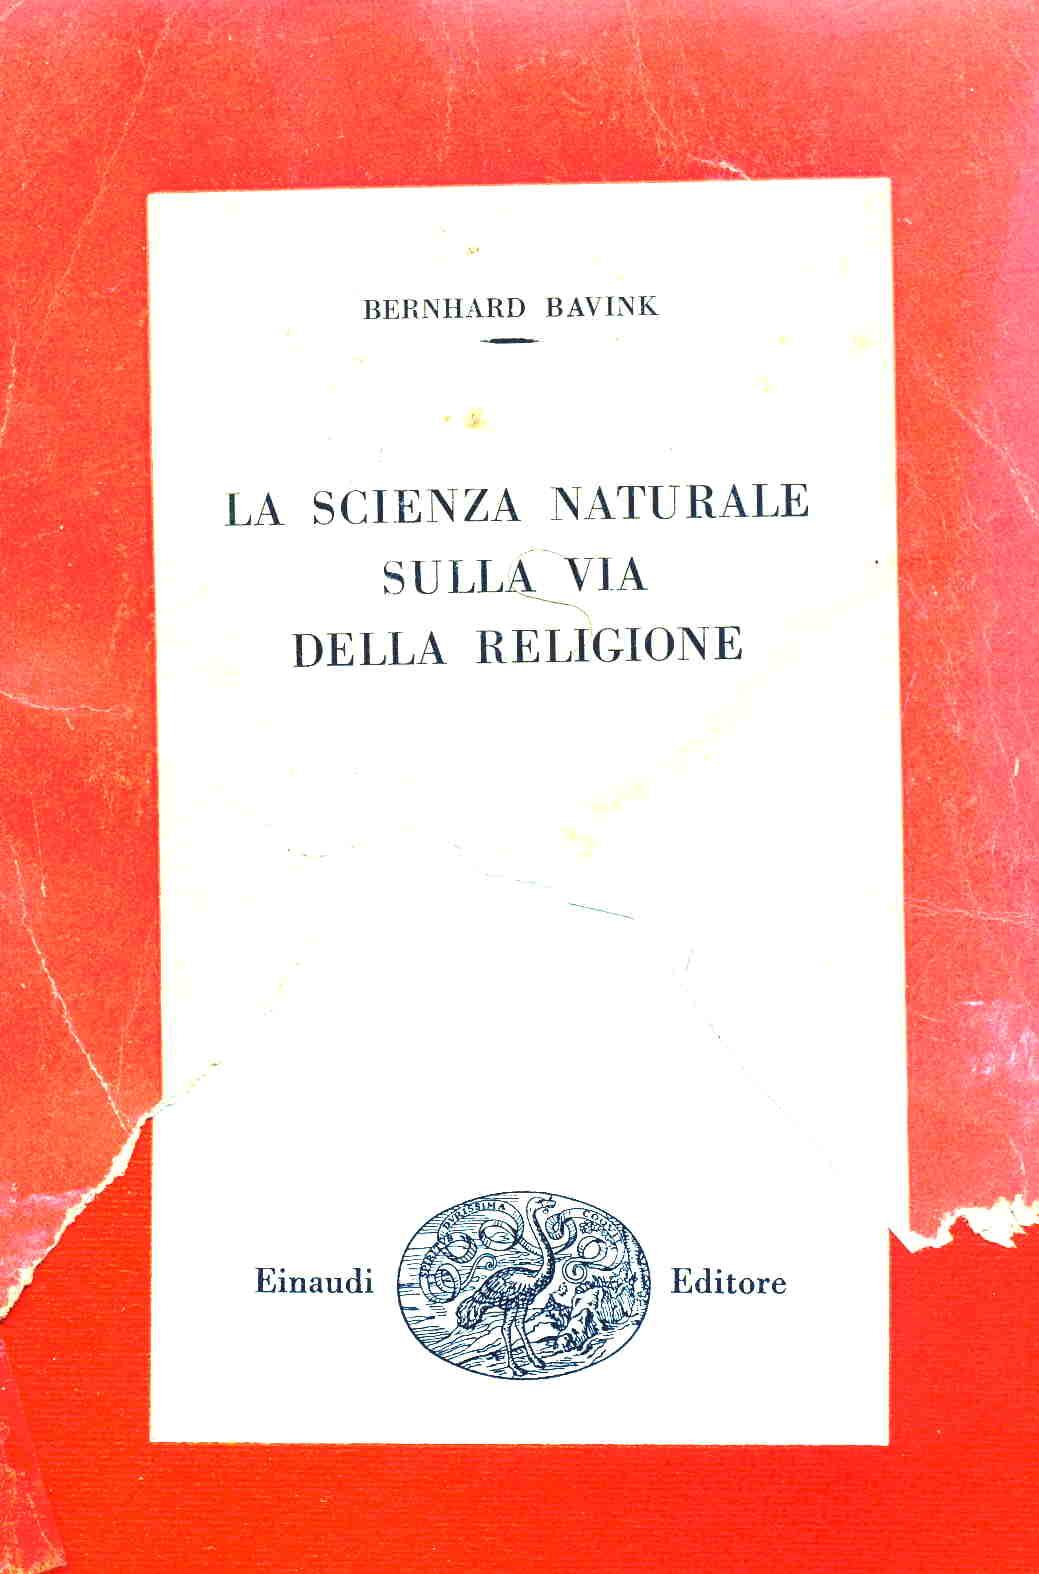 La scienza naturale sulla via della religione